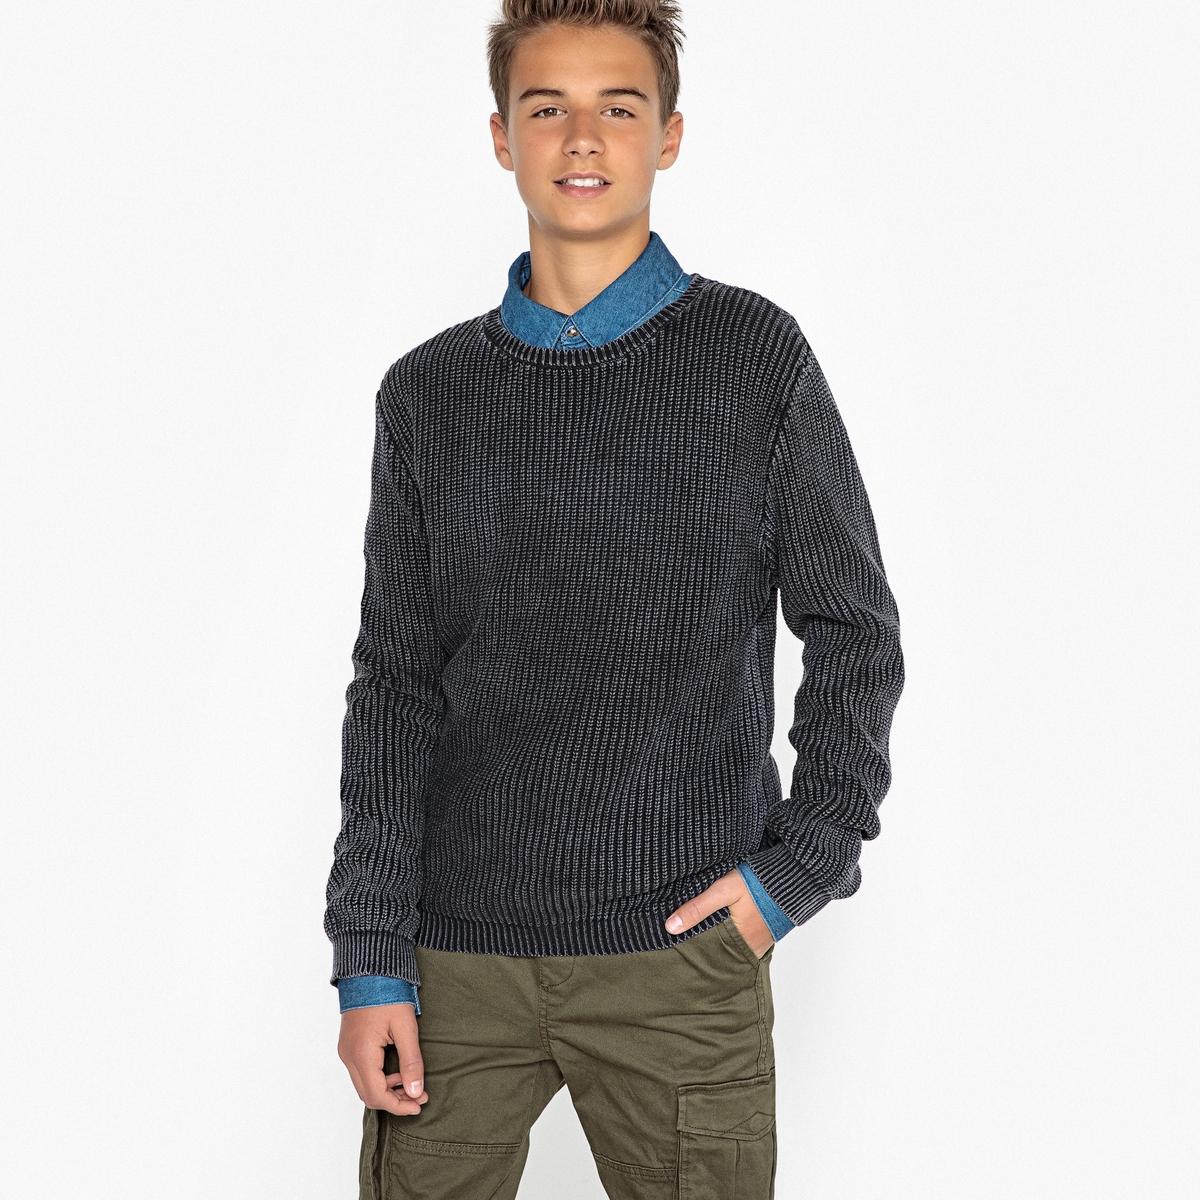 Пуловер La Redoute С круглым вырезом из тонкого трикотажа - лет 16 лет - 174 см черный legeartis ct concept mb508 8 5x18 5x112 d66 6 et48 bkf